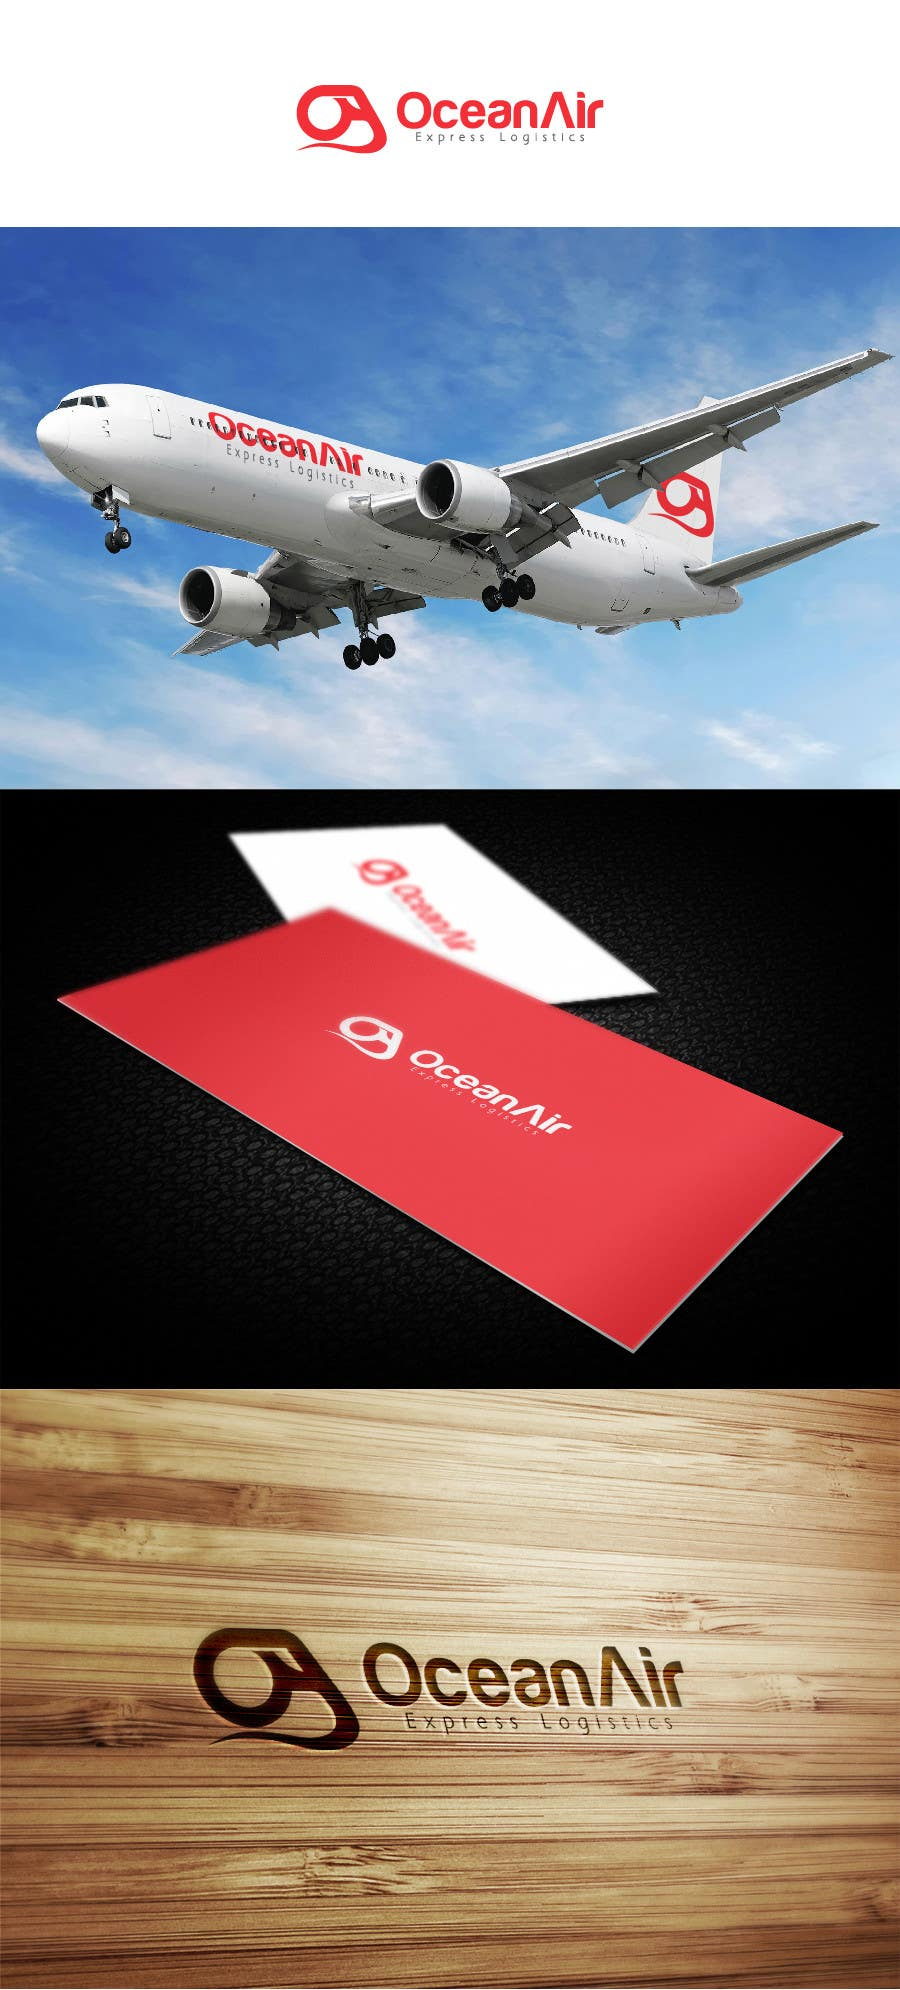 #534 for Logo Design for OceanAir Express Logistics by ejom